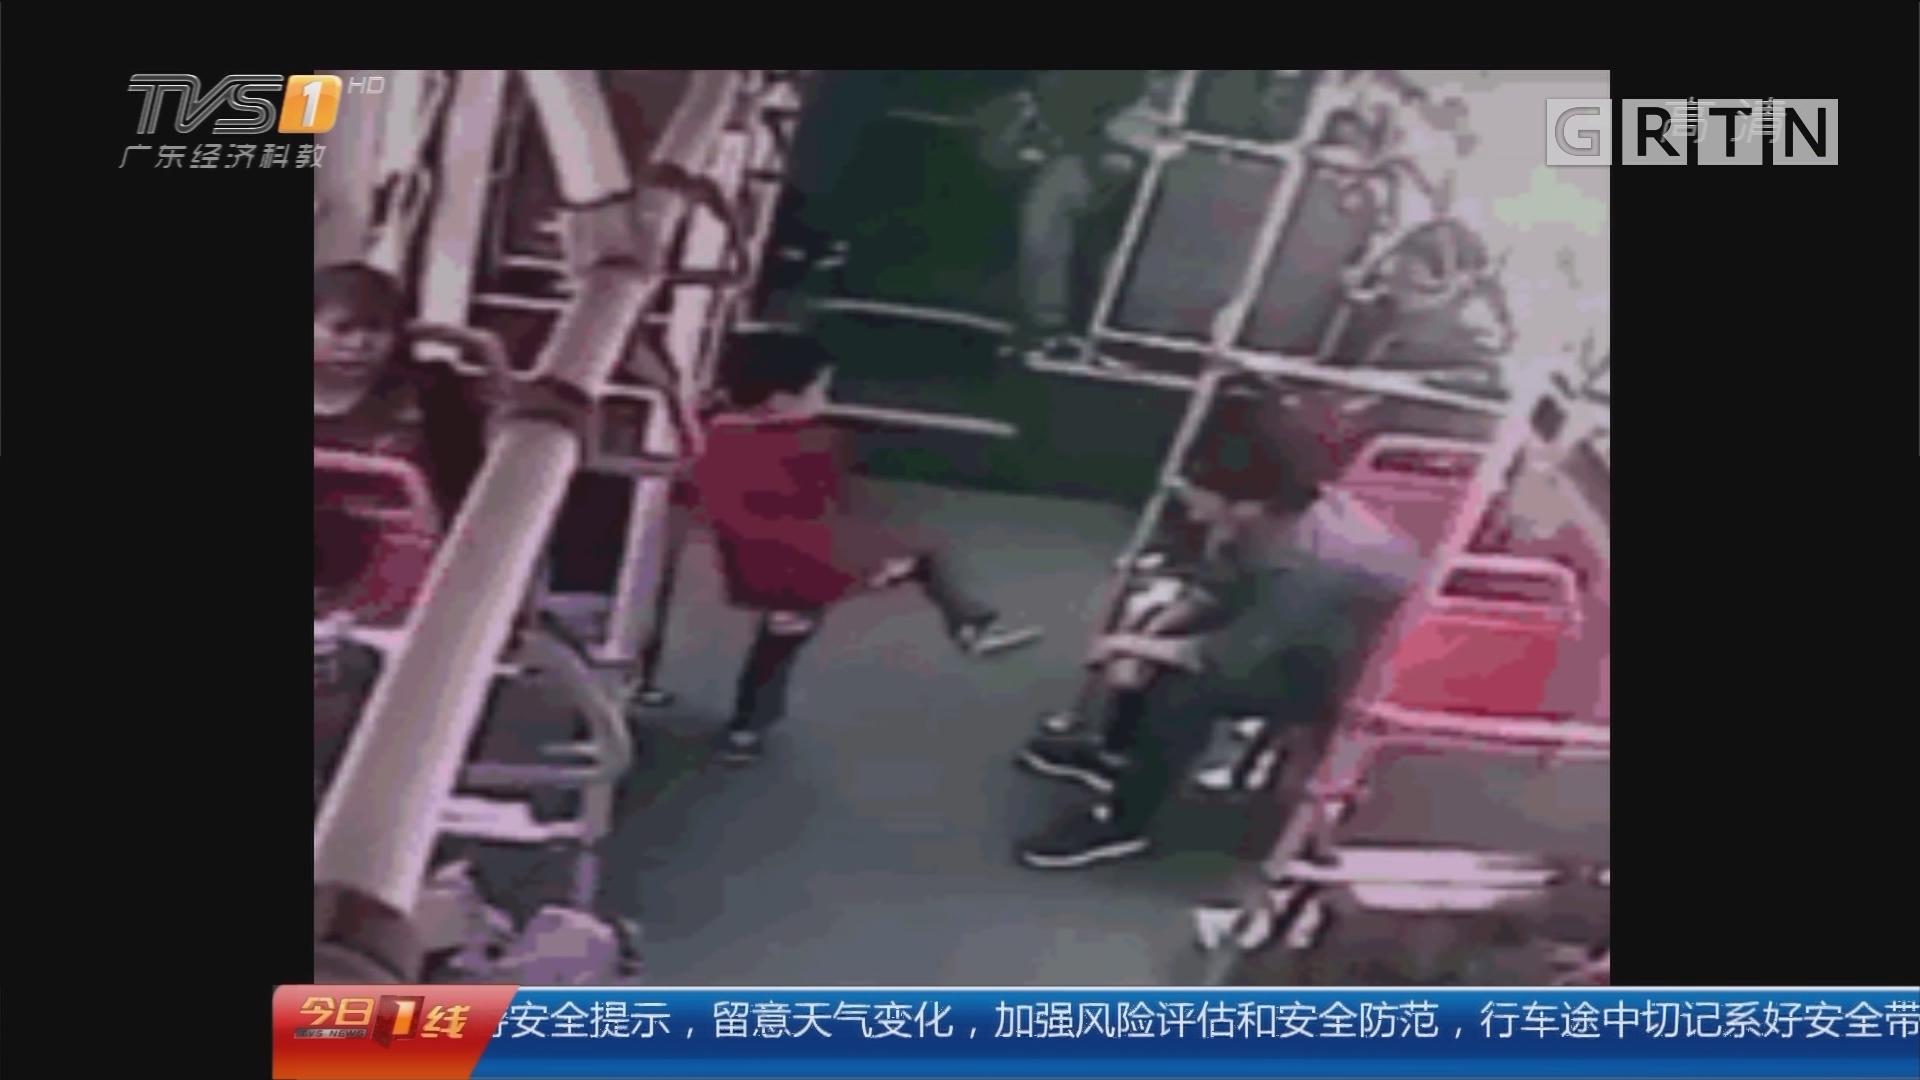 四川遂宁:男童公交上被打 行凶者被拘15日